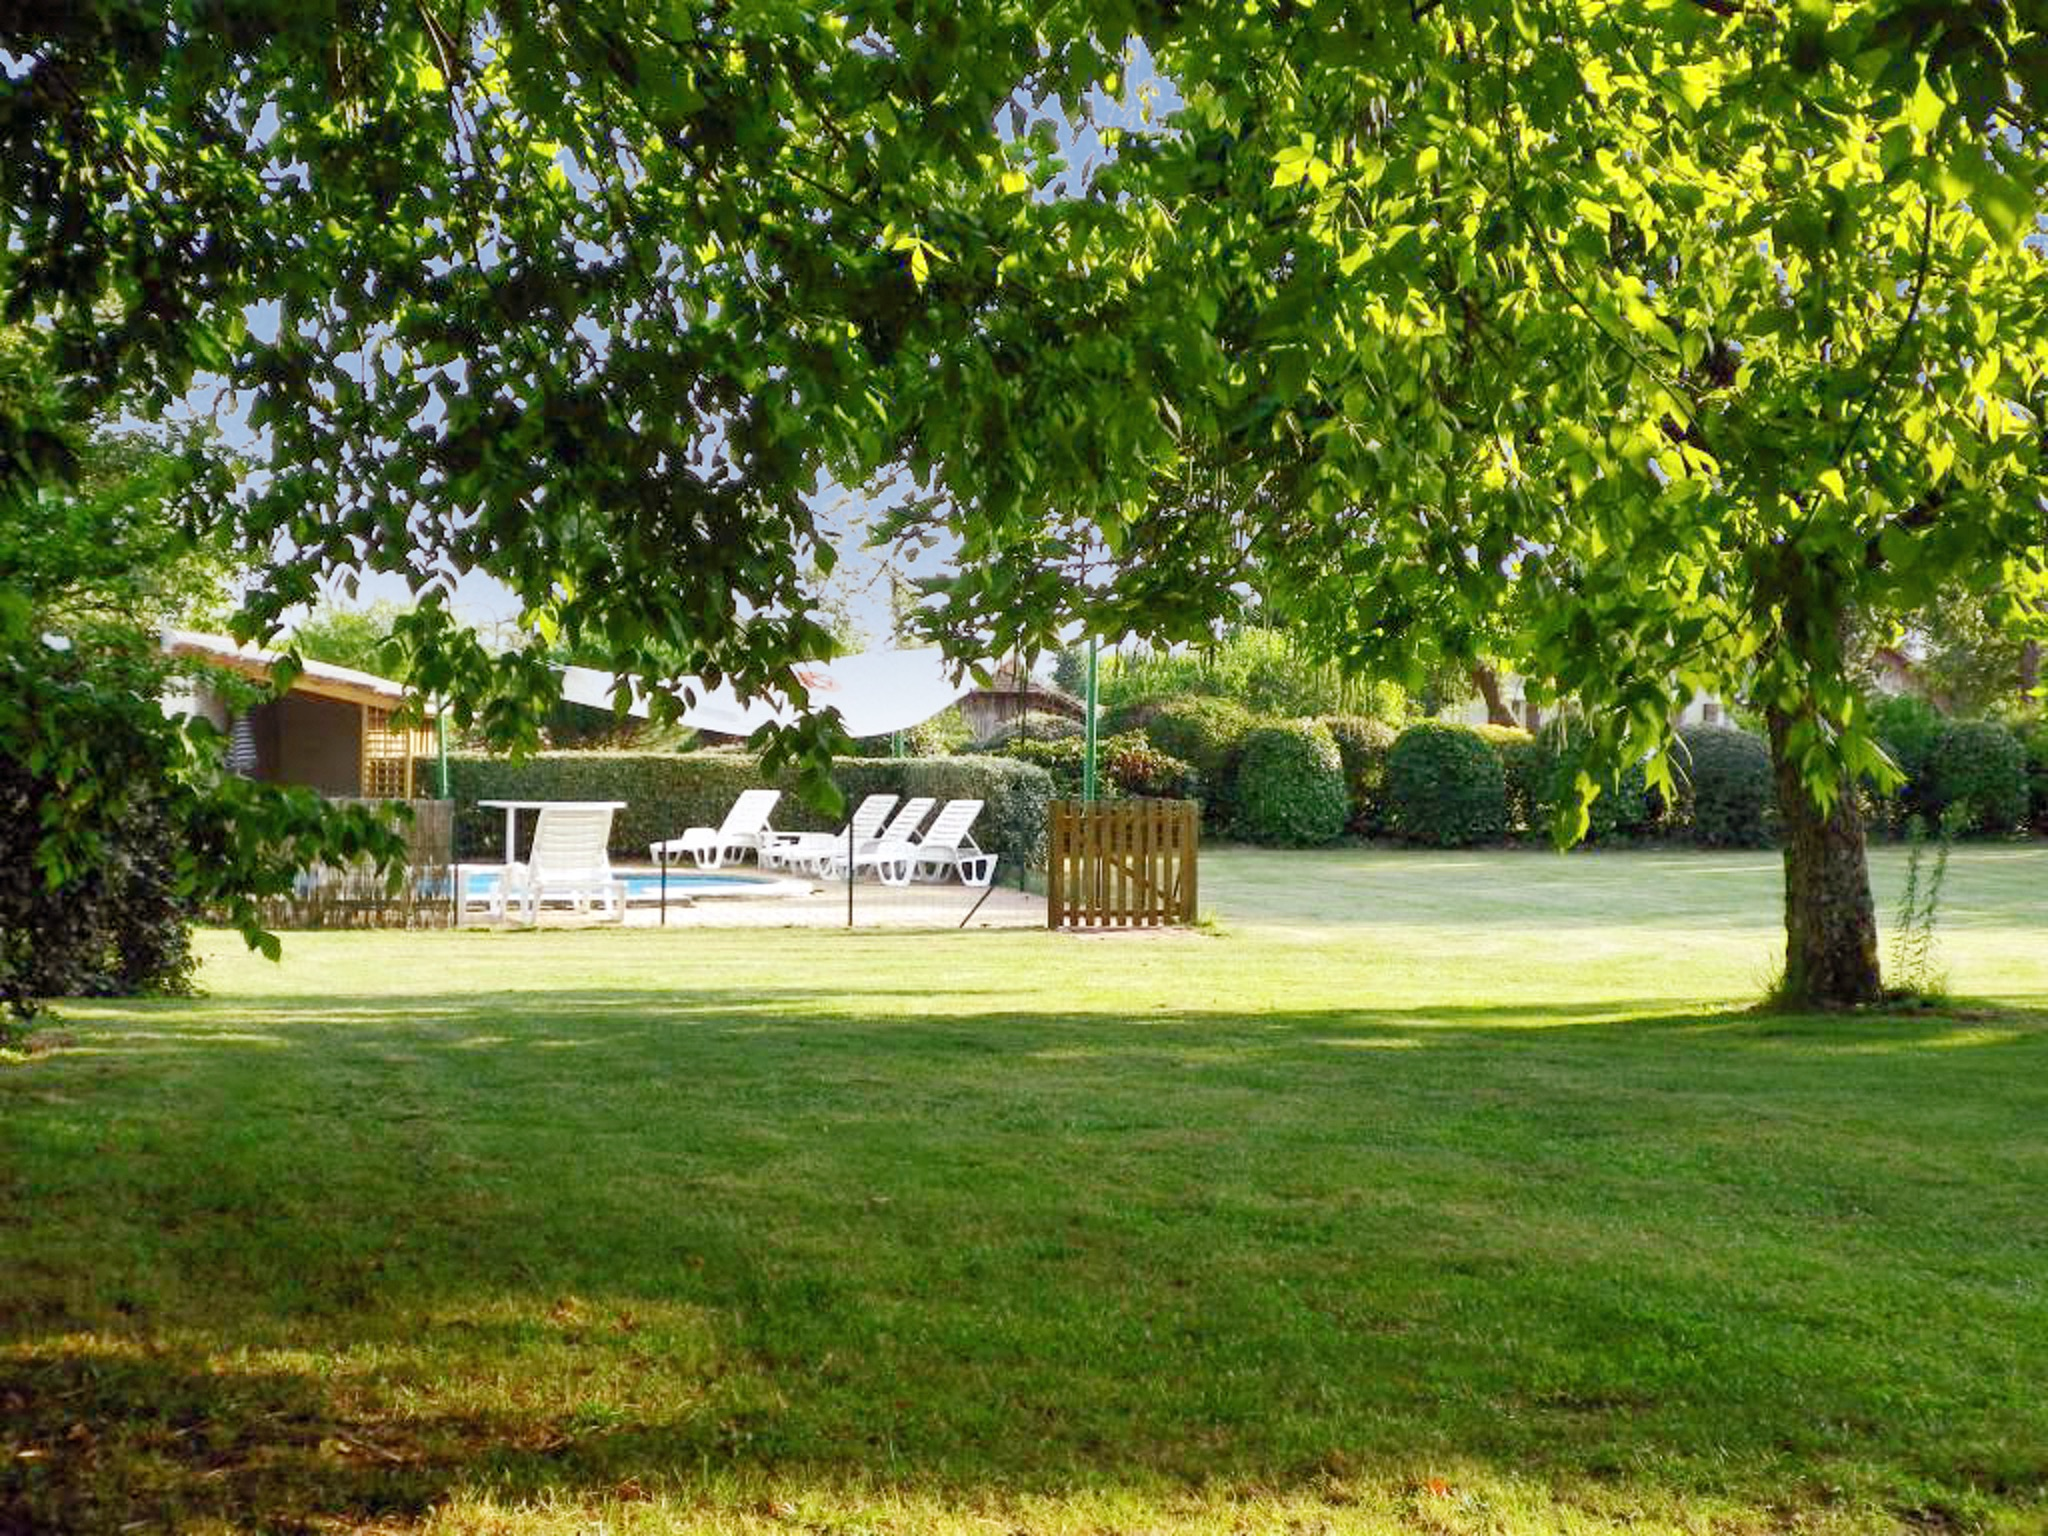 Ferienhaus Villa mit 4 Zimmern in Trensacq mit privatem Pool und möbliertem Garten - 45 km vom Strand (2202366), Trensacq, Landes, Aquitanien, Frankreich, Bild 31